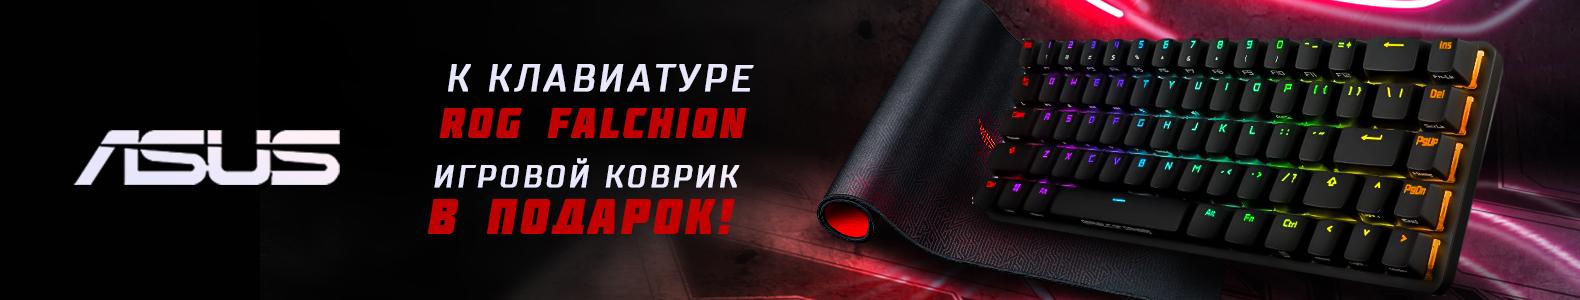 Игровая поверхность в подарок к клавиатуре ASUS Falchion!